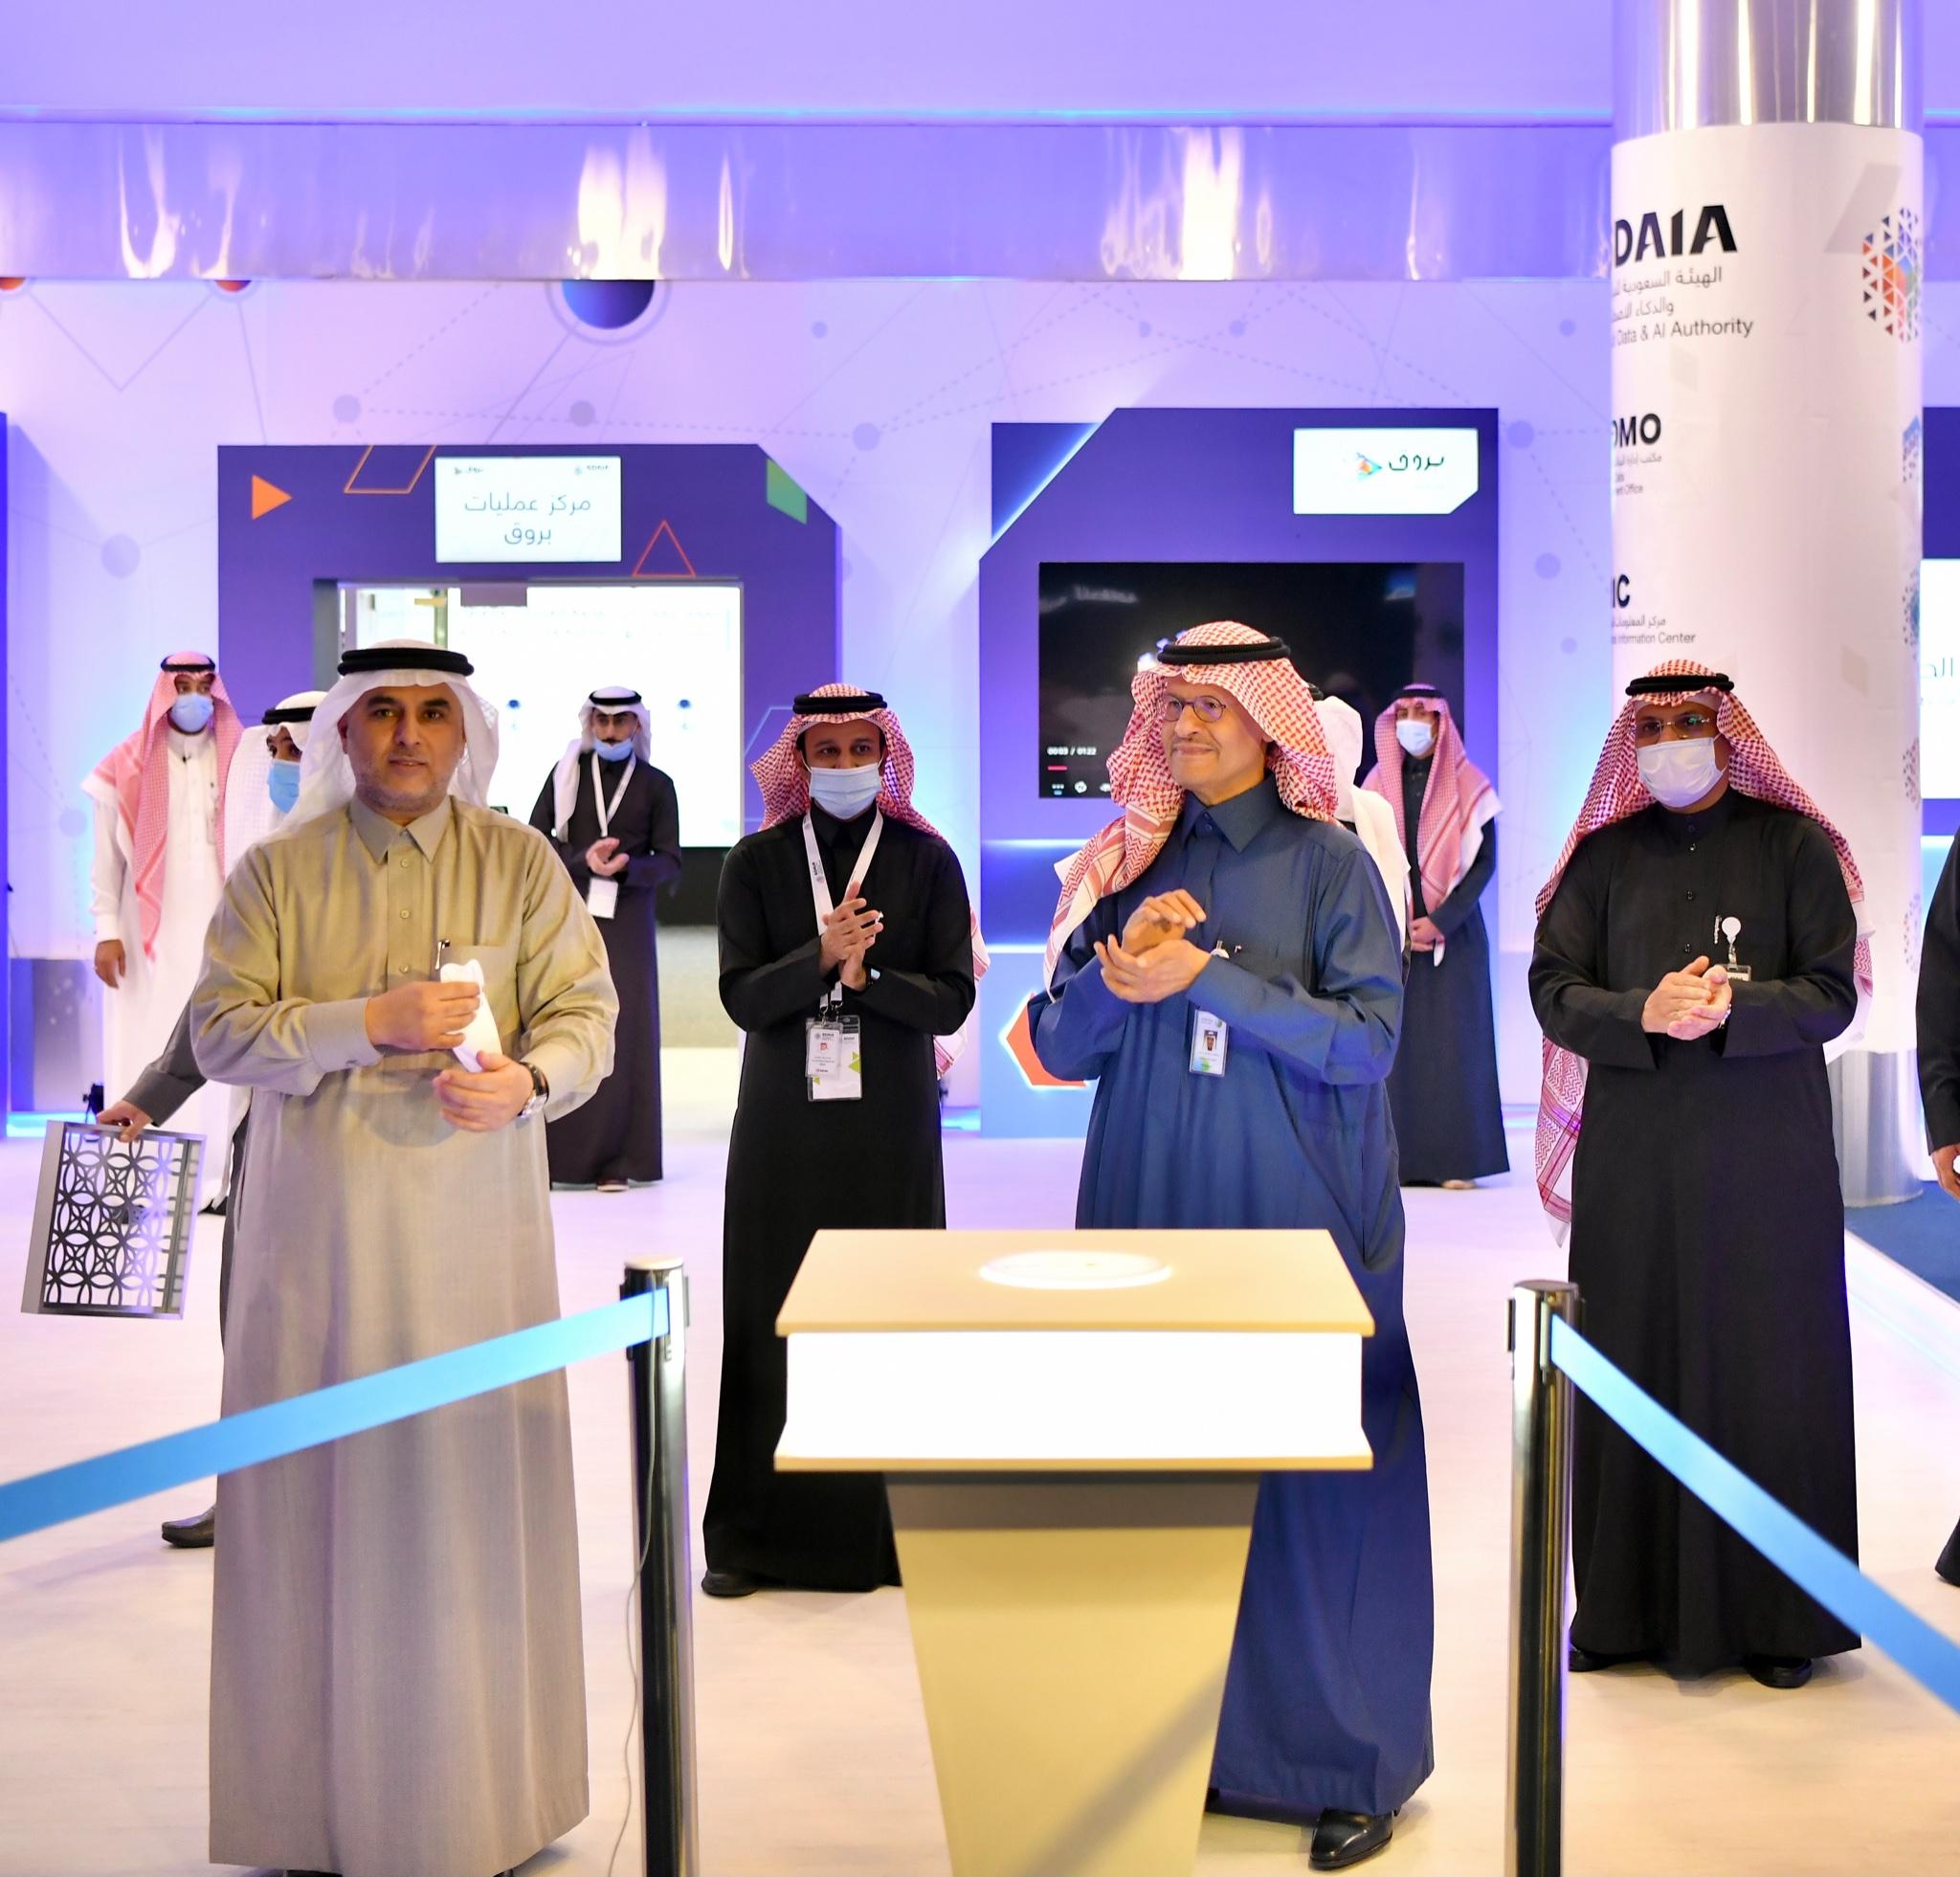 وزير الطاقة السعودي - تدشين مركز الذكاء الاصطناعي للطاقة